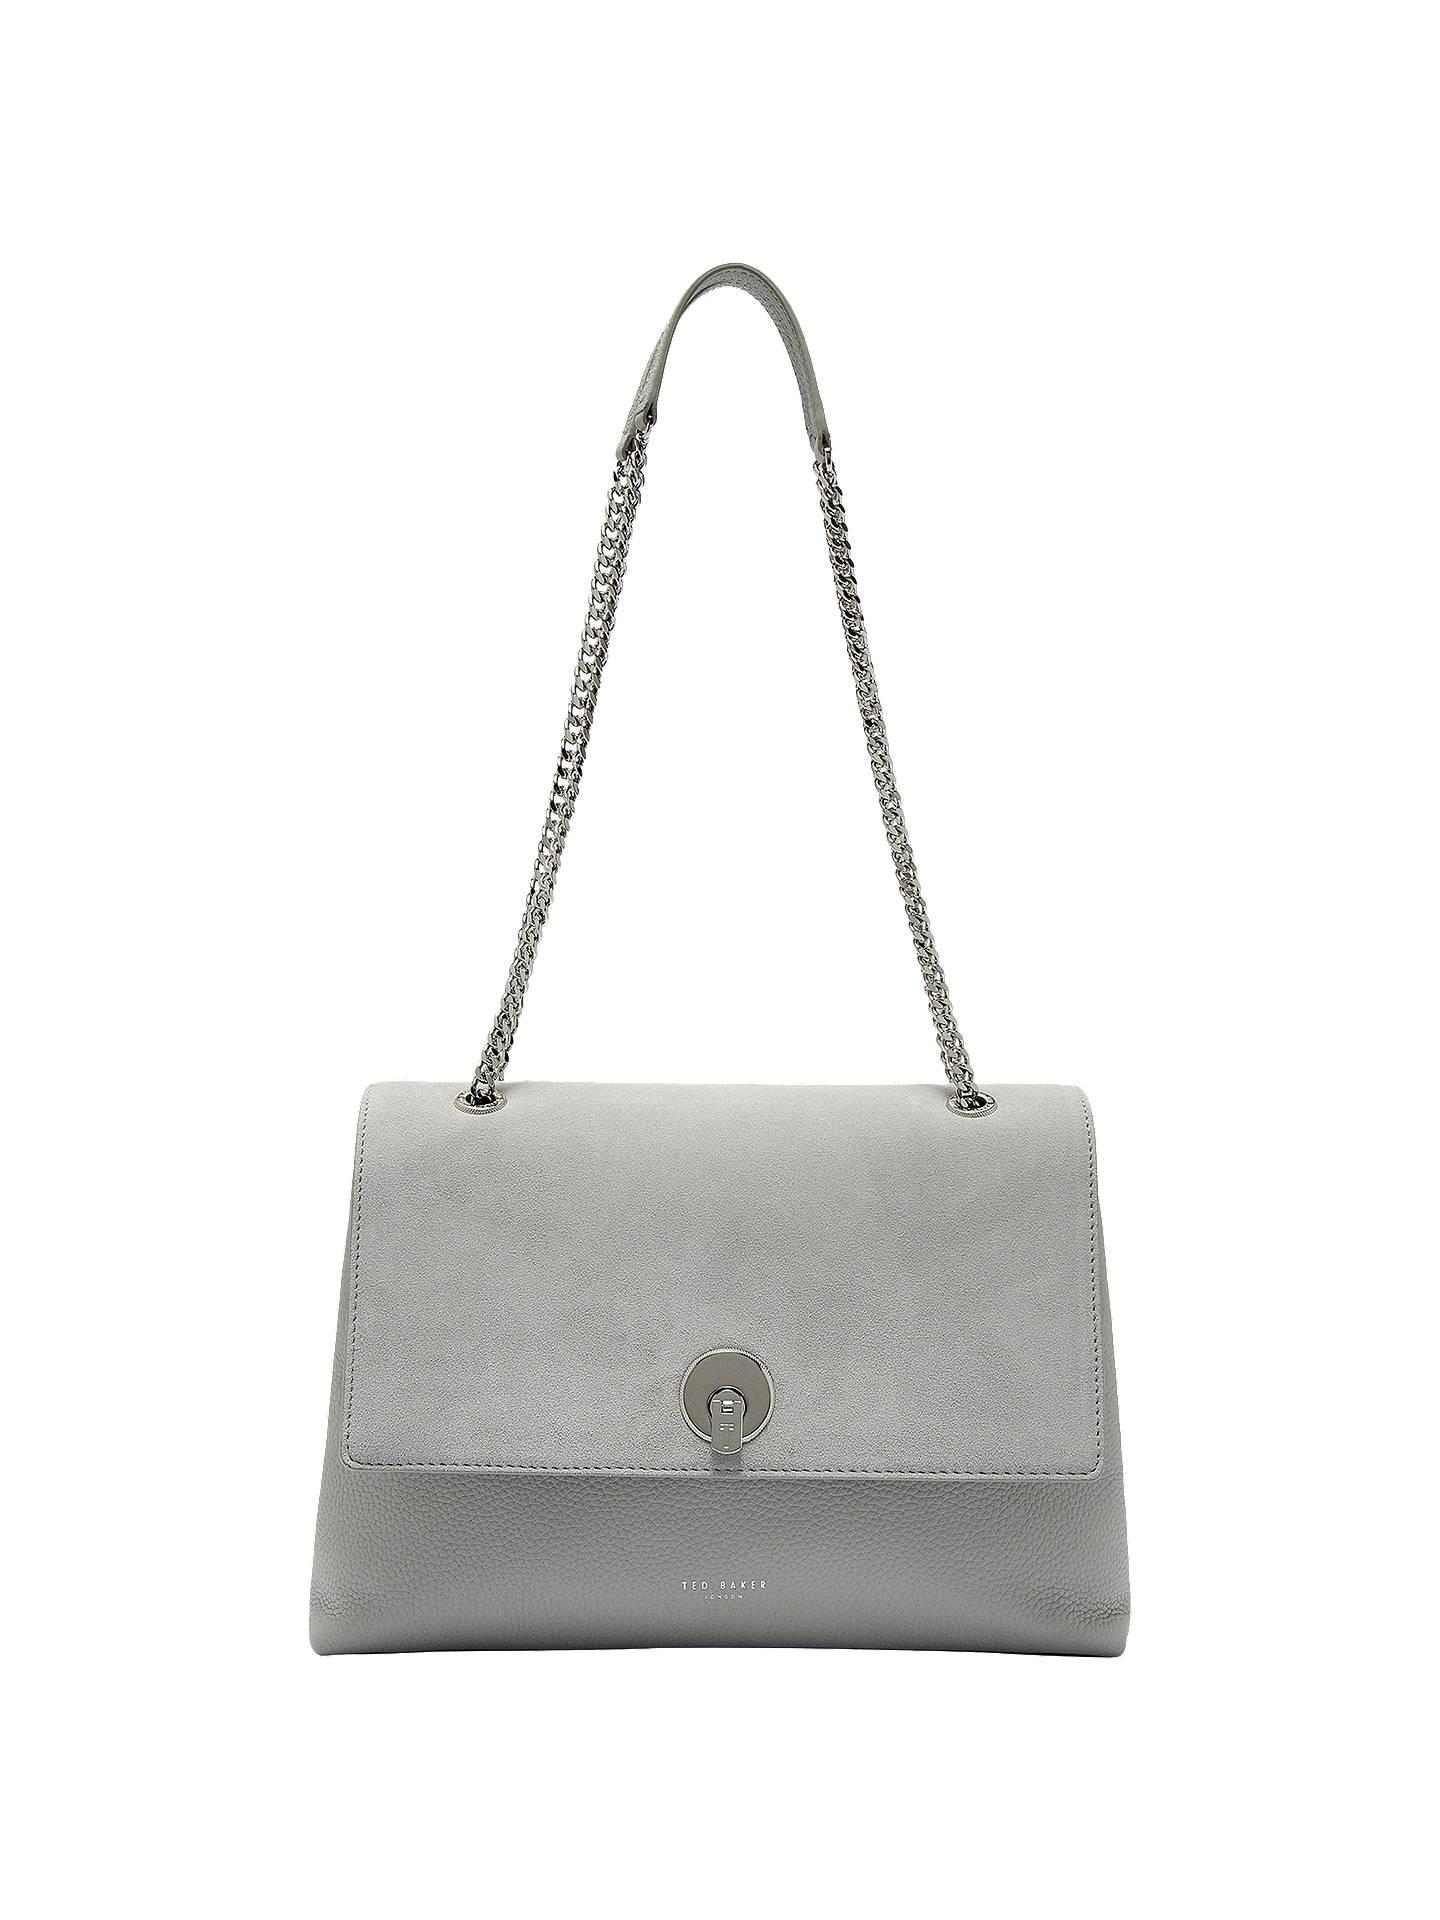 9ccb14bd3b4 Buy Ted Baker Sophina Suede Circle Shoulder Bag, Grey Online at  johnlewis.com ...